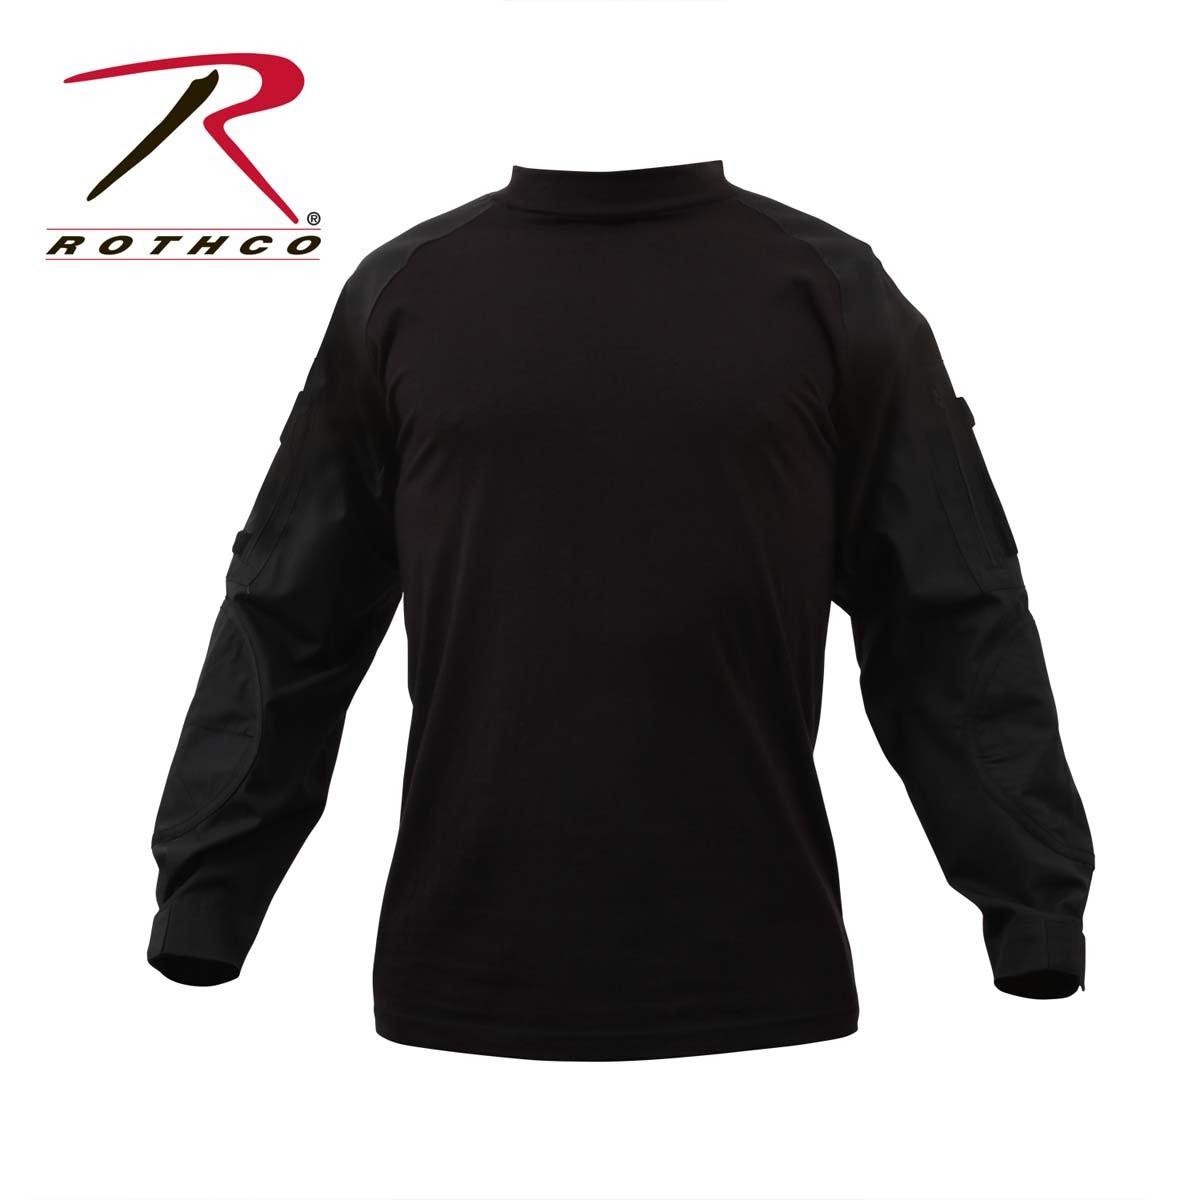 ロスコ ミリタリー コンバットシャツ ブラック ROTHCO MILITARY COMBAT SHIRT - BLACK 90010 B00409P68I 4L|ブラック ブラック 4L